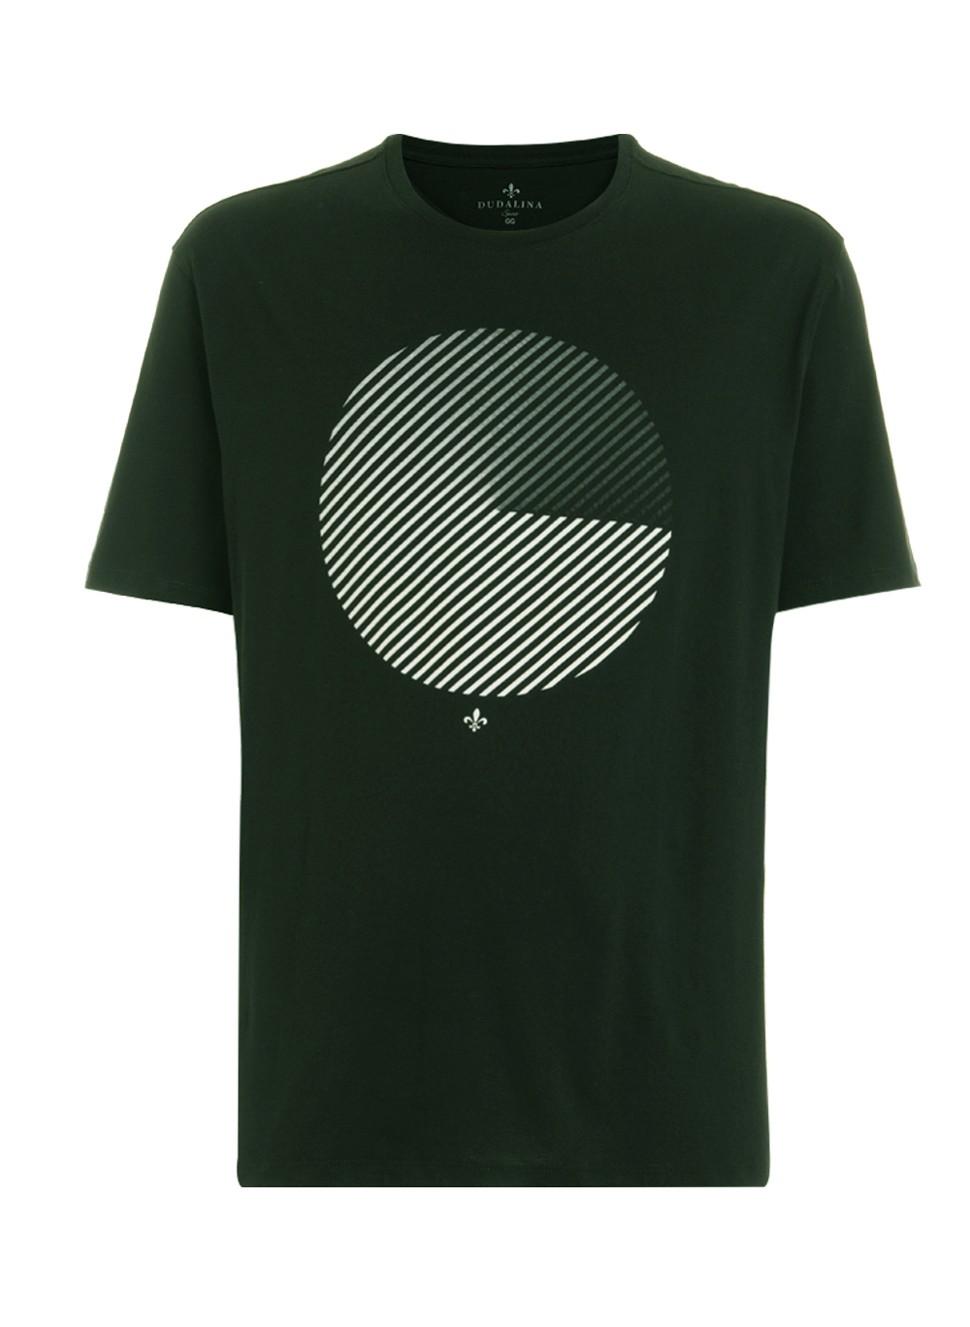 T-Shirt Camiseta Círculo Dudalina